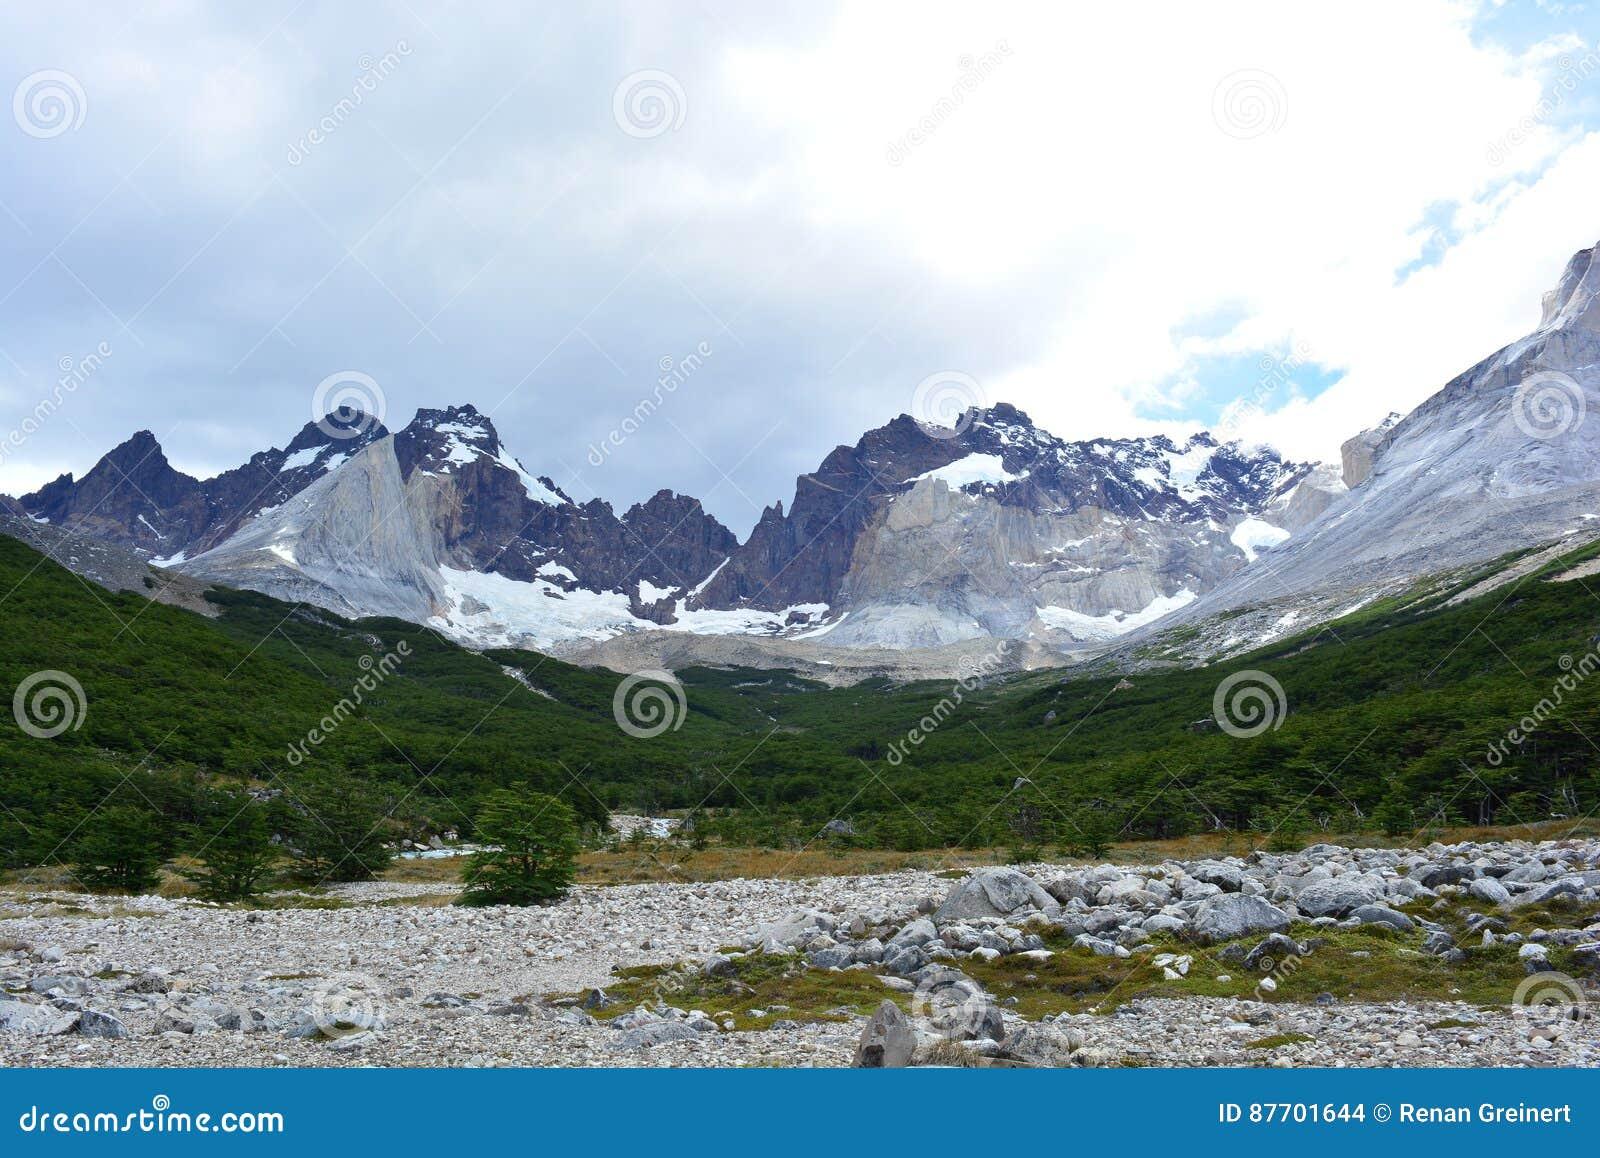 Crêtes de montagne en parc national de Torres del Paine, Chili